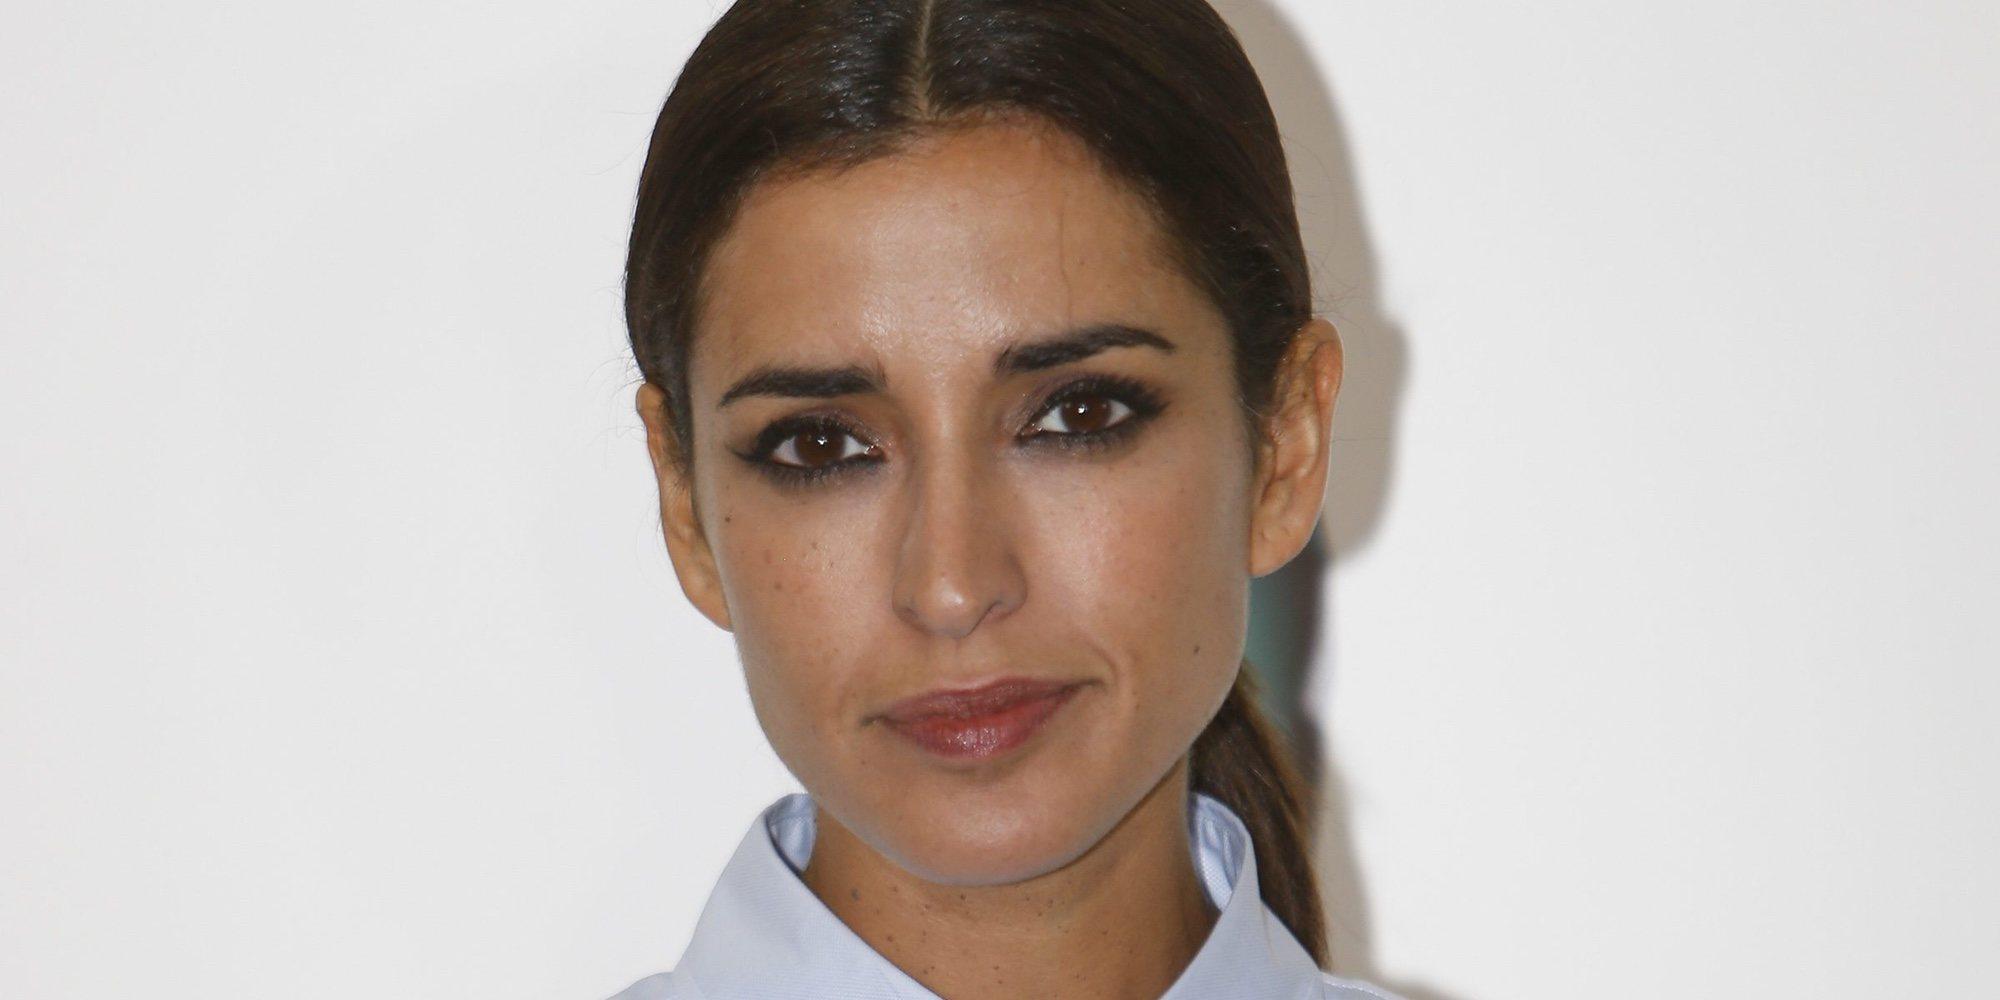 Inma Cuesta sufre un percance en el Festival de Cannes de 2018 y Penélope Cruz acude en su ayuda